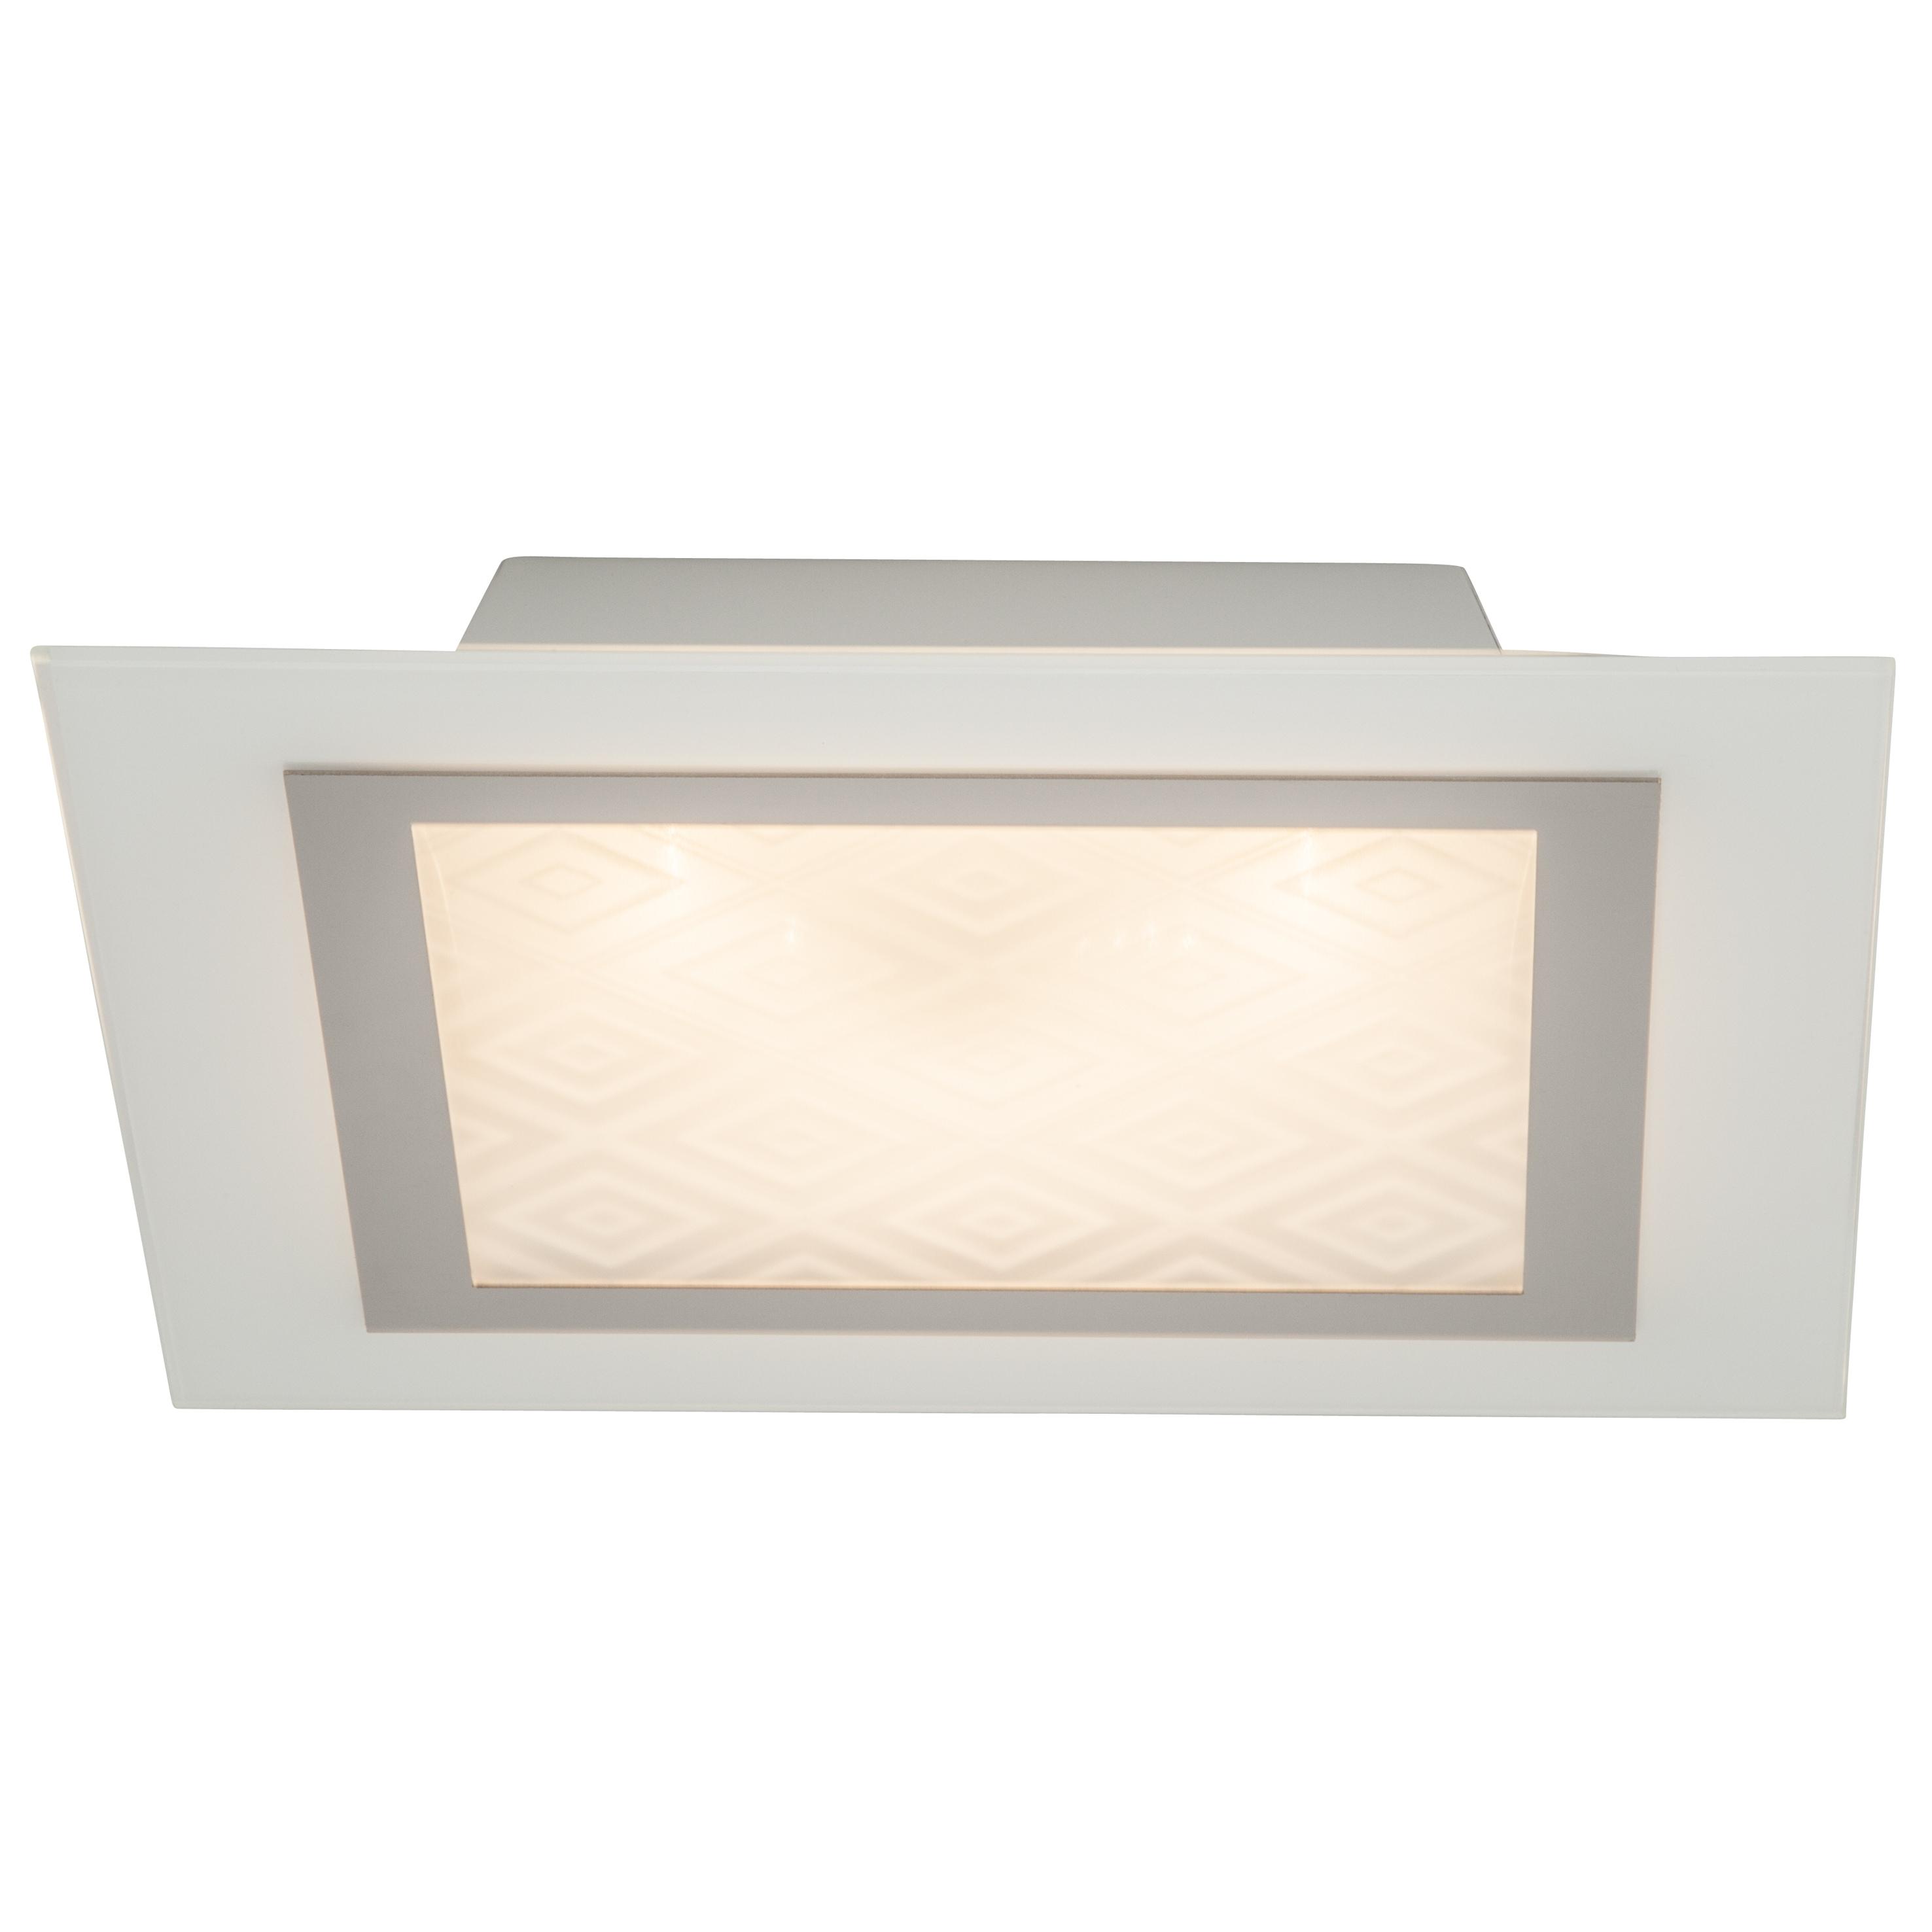 Brilliant Leuchten Rolanda LED Wand- und Deckenleuchte 30x30cm chrom/weiß